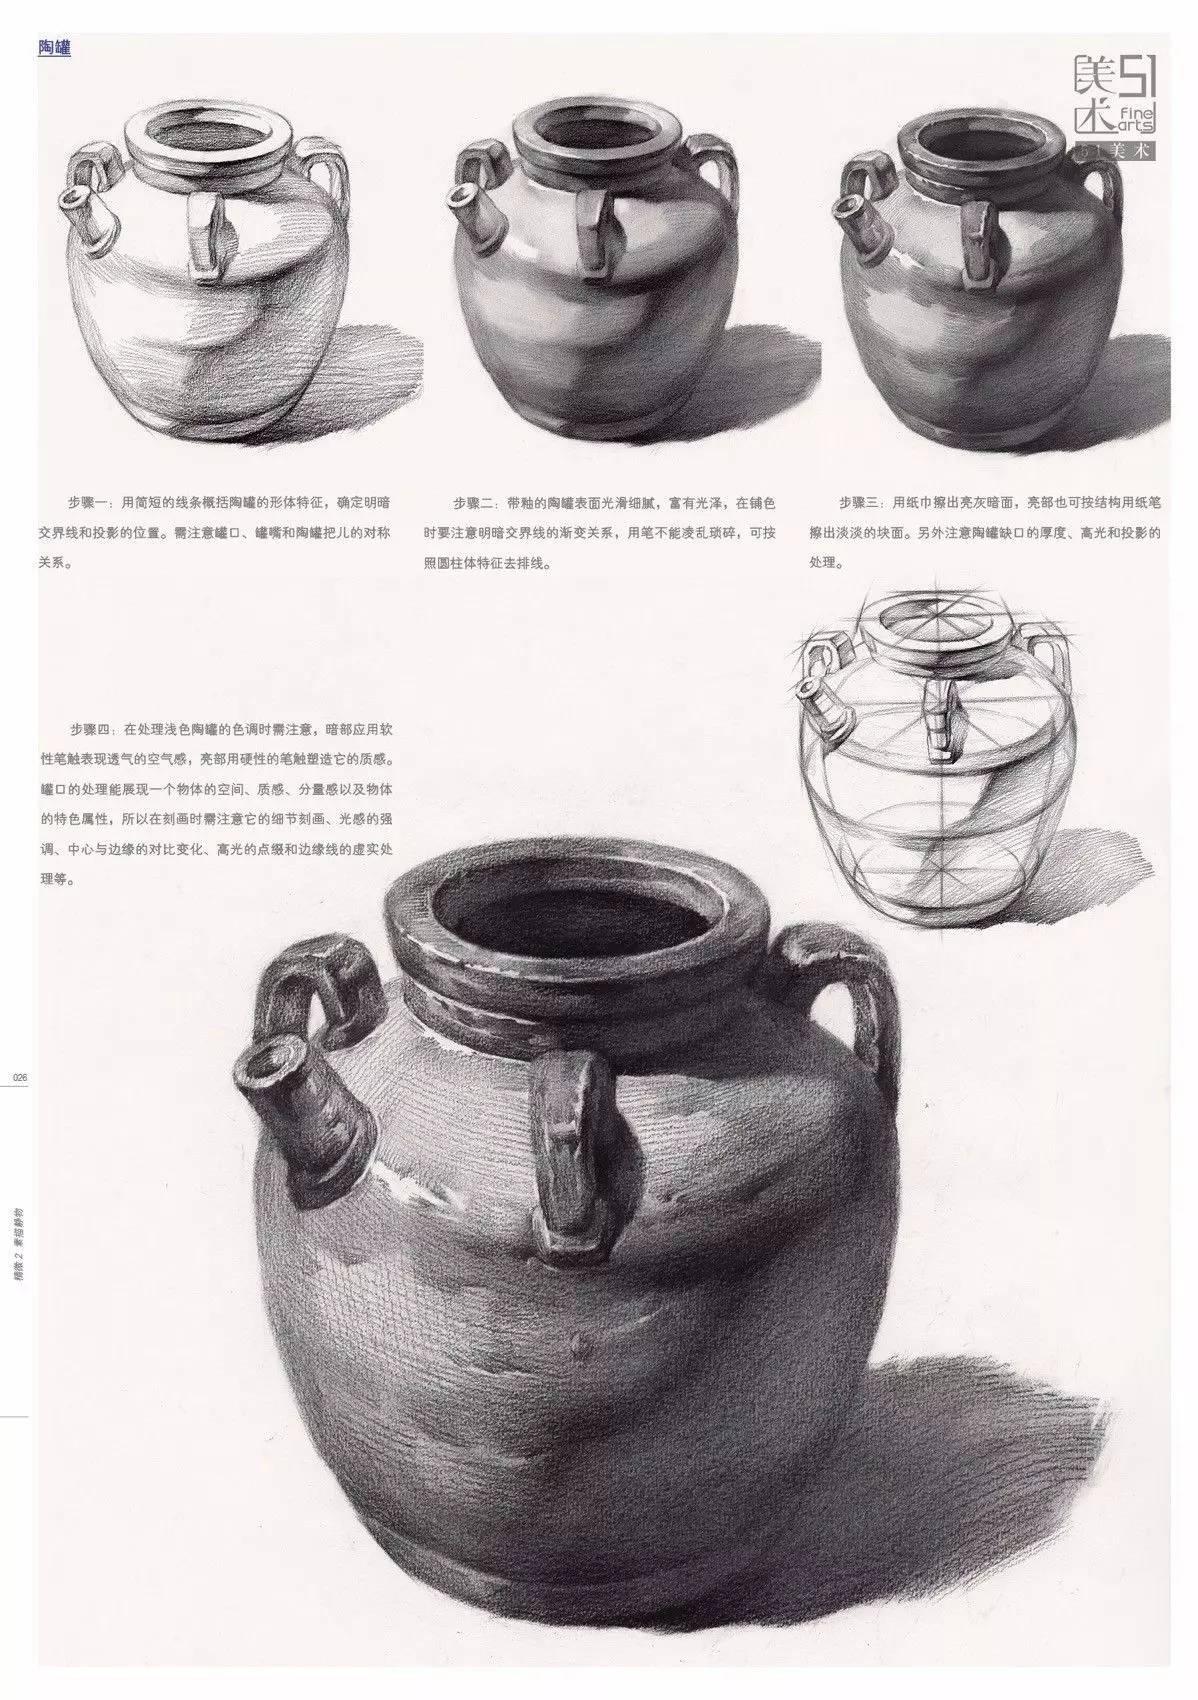 陶罐蔬菜等素描静物结构, 画的这么好美术生知道么(步骤示范)